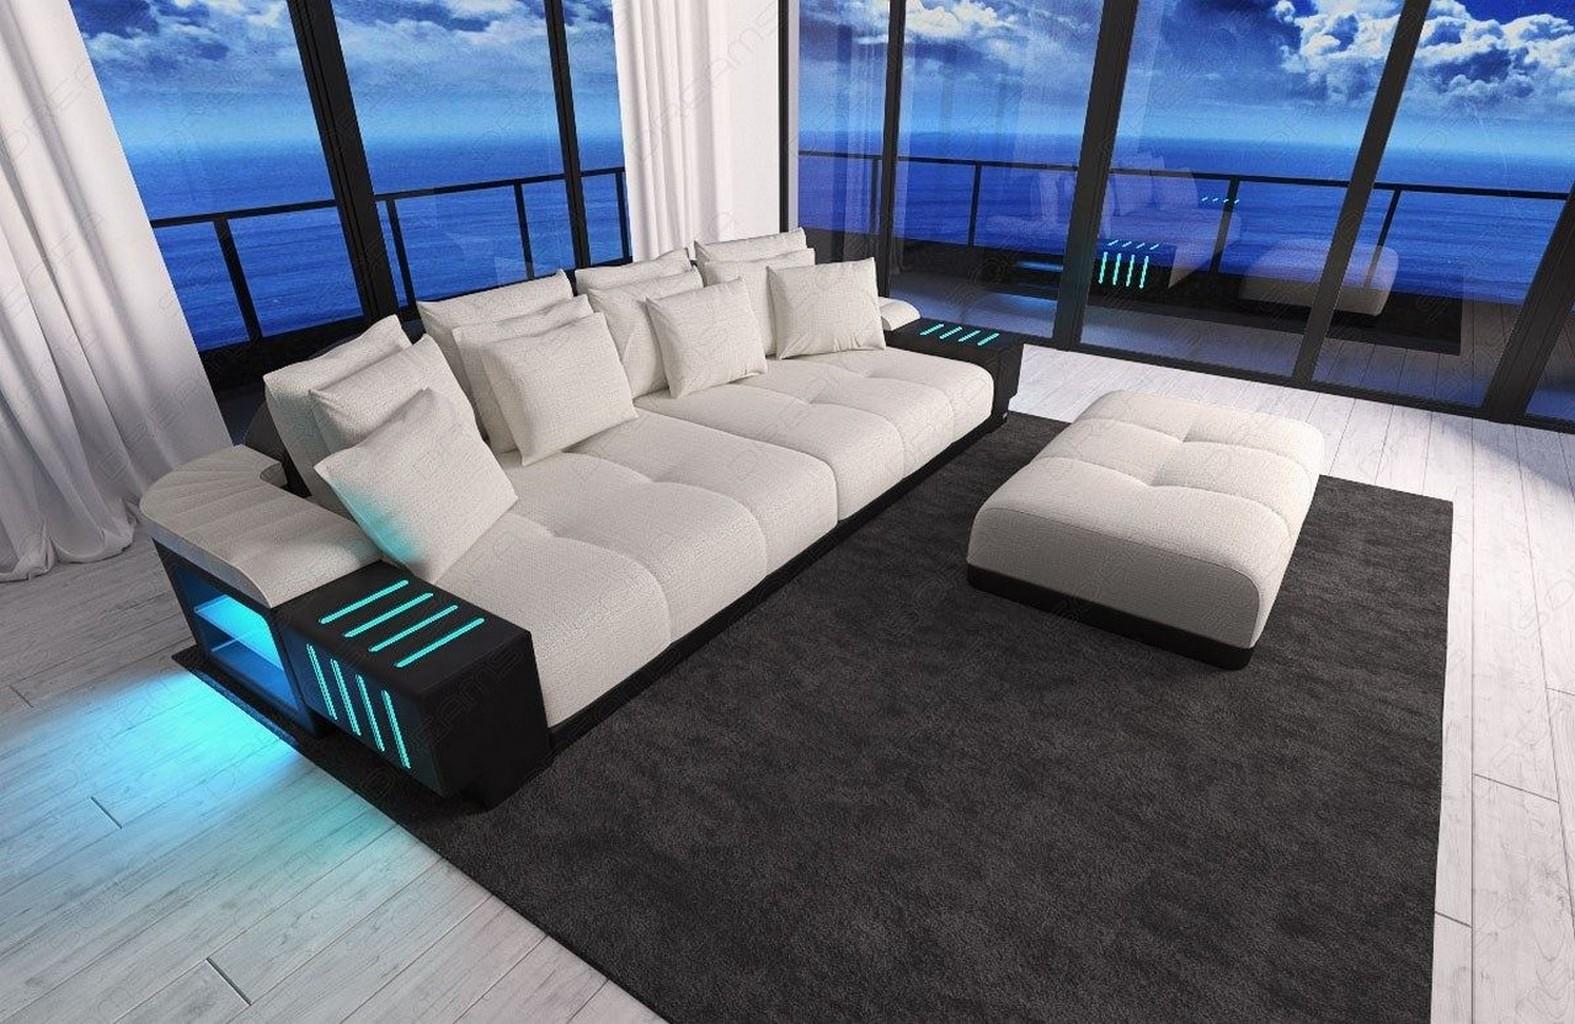 badewannen aus polen kaufen innenr ume und m bel ideen. Black Bedroom Furniture Sets. Home Design Ideas